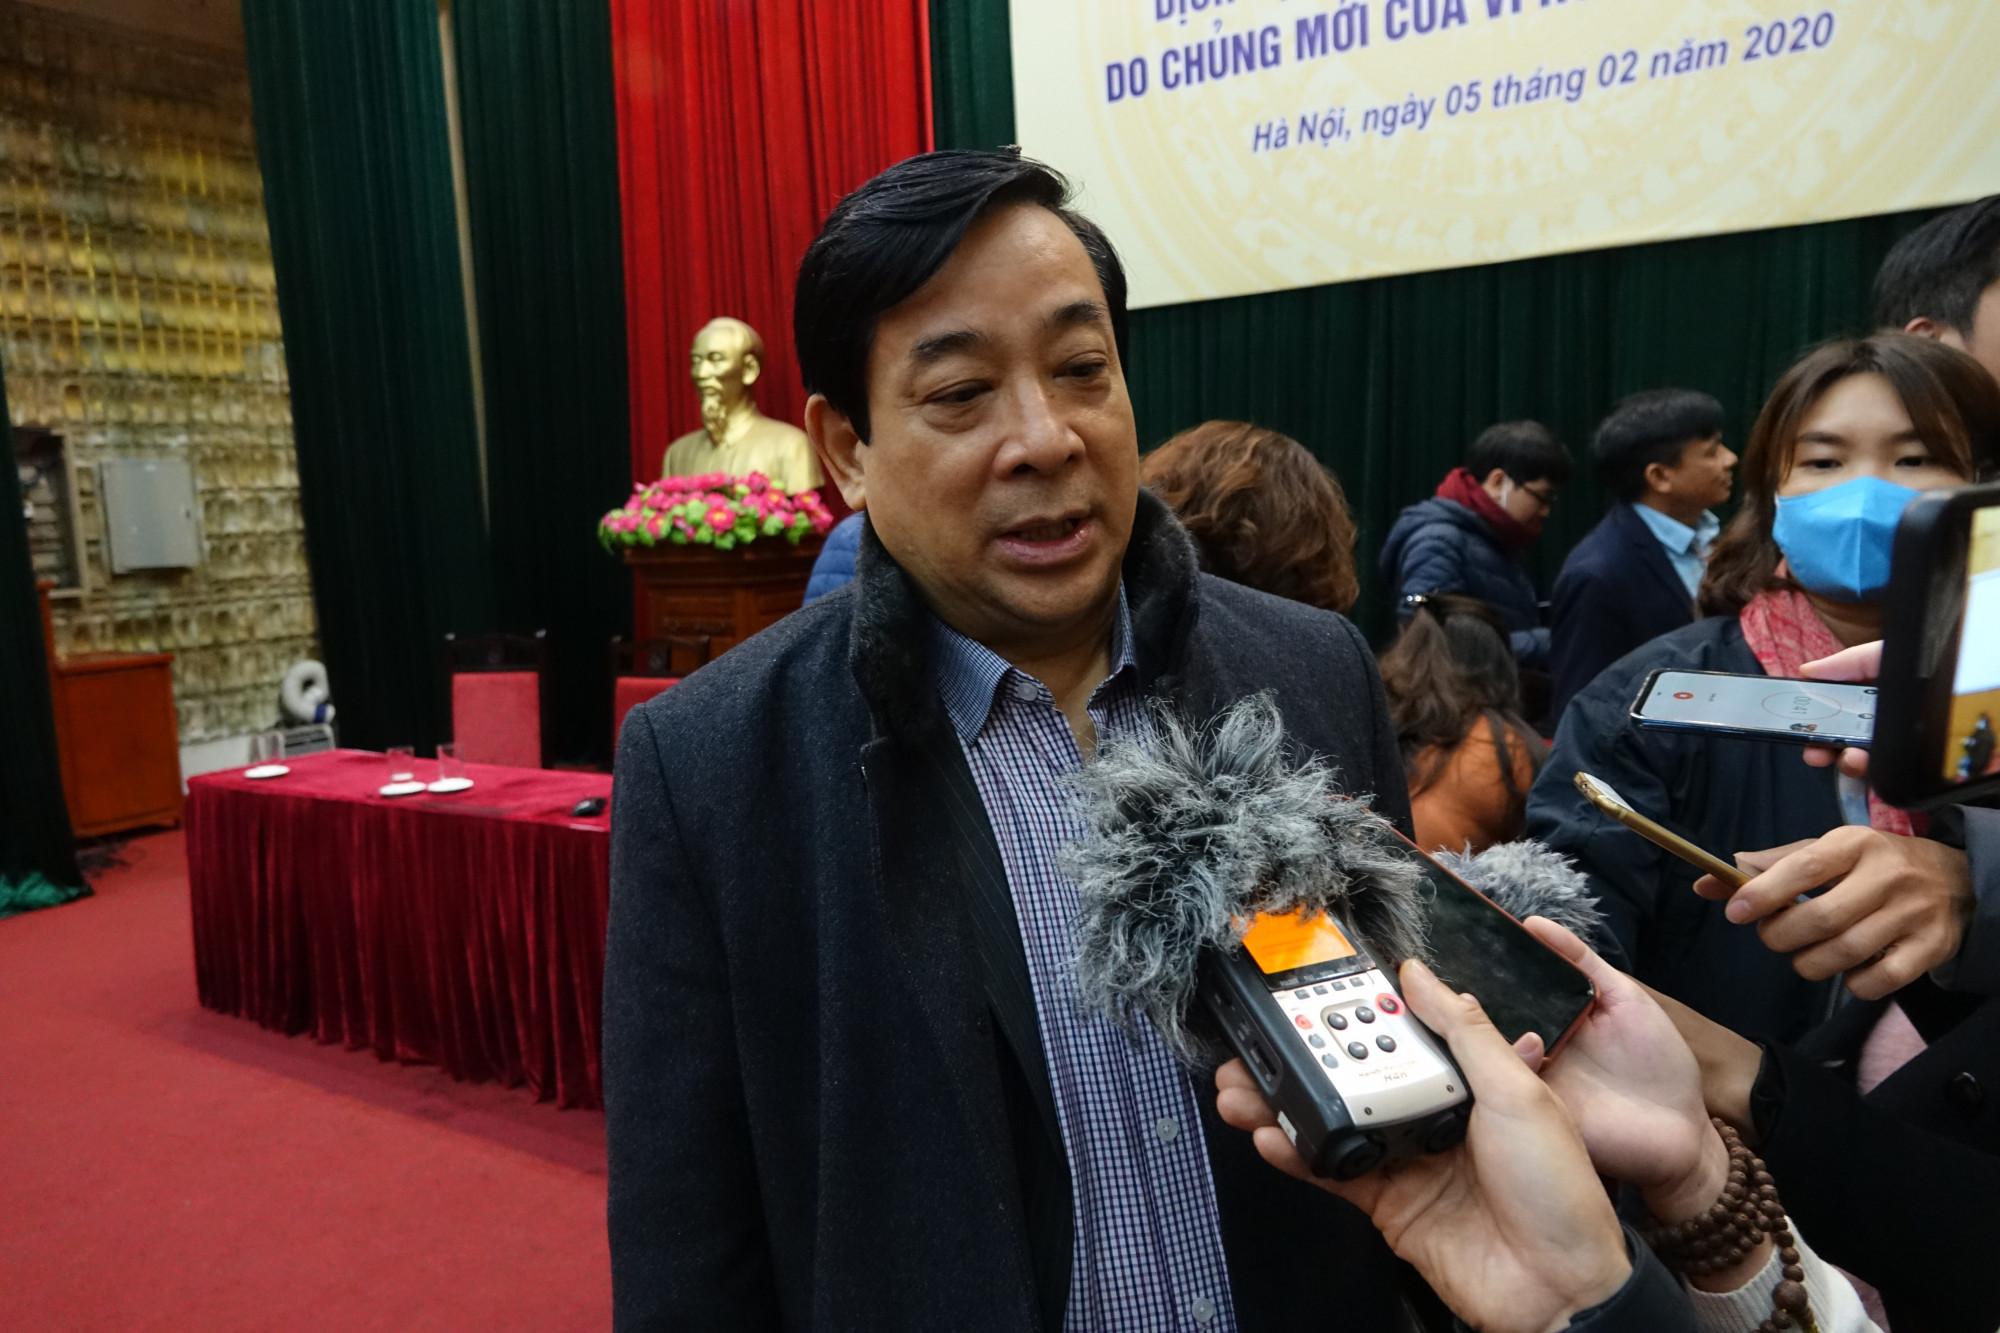 PGS.TS Lương Ngọc Khuê - Cục trưởng Cục Quản lý Khám chữa bệnh.